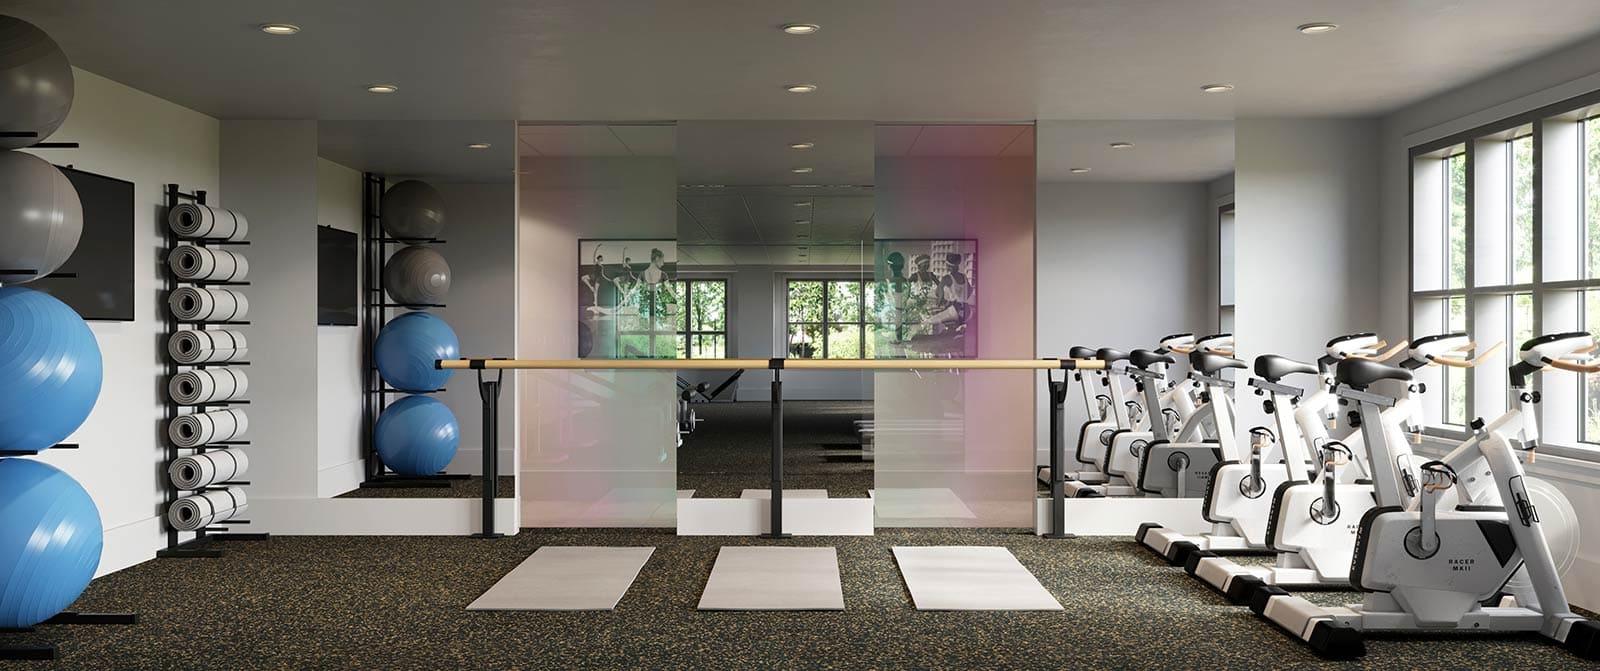 Cambridge Park Apartments Interior gym is located in Cambridge, Massachusetts